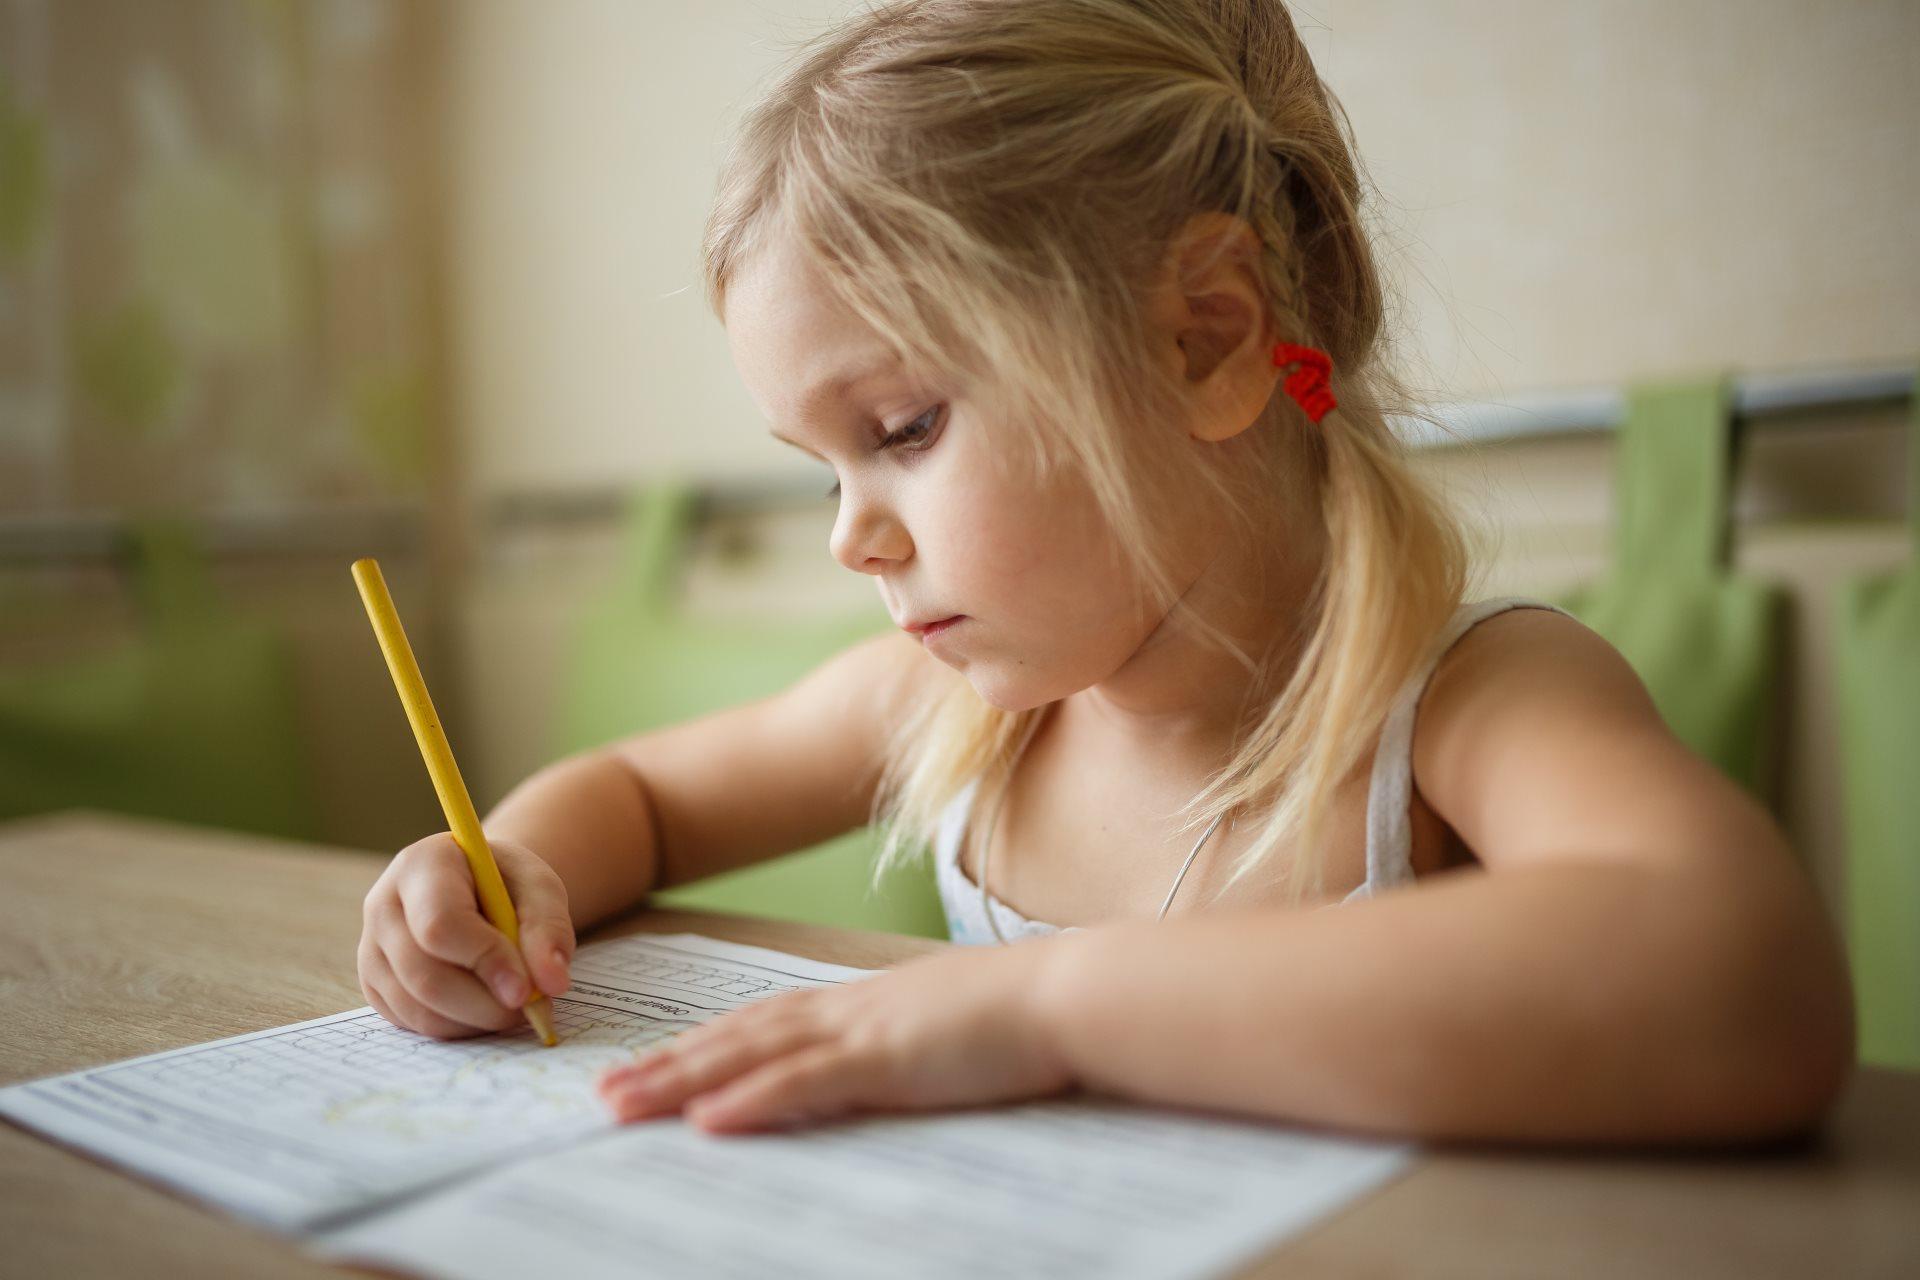 da li pisanje zaista utice na ucenje_1711801207